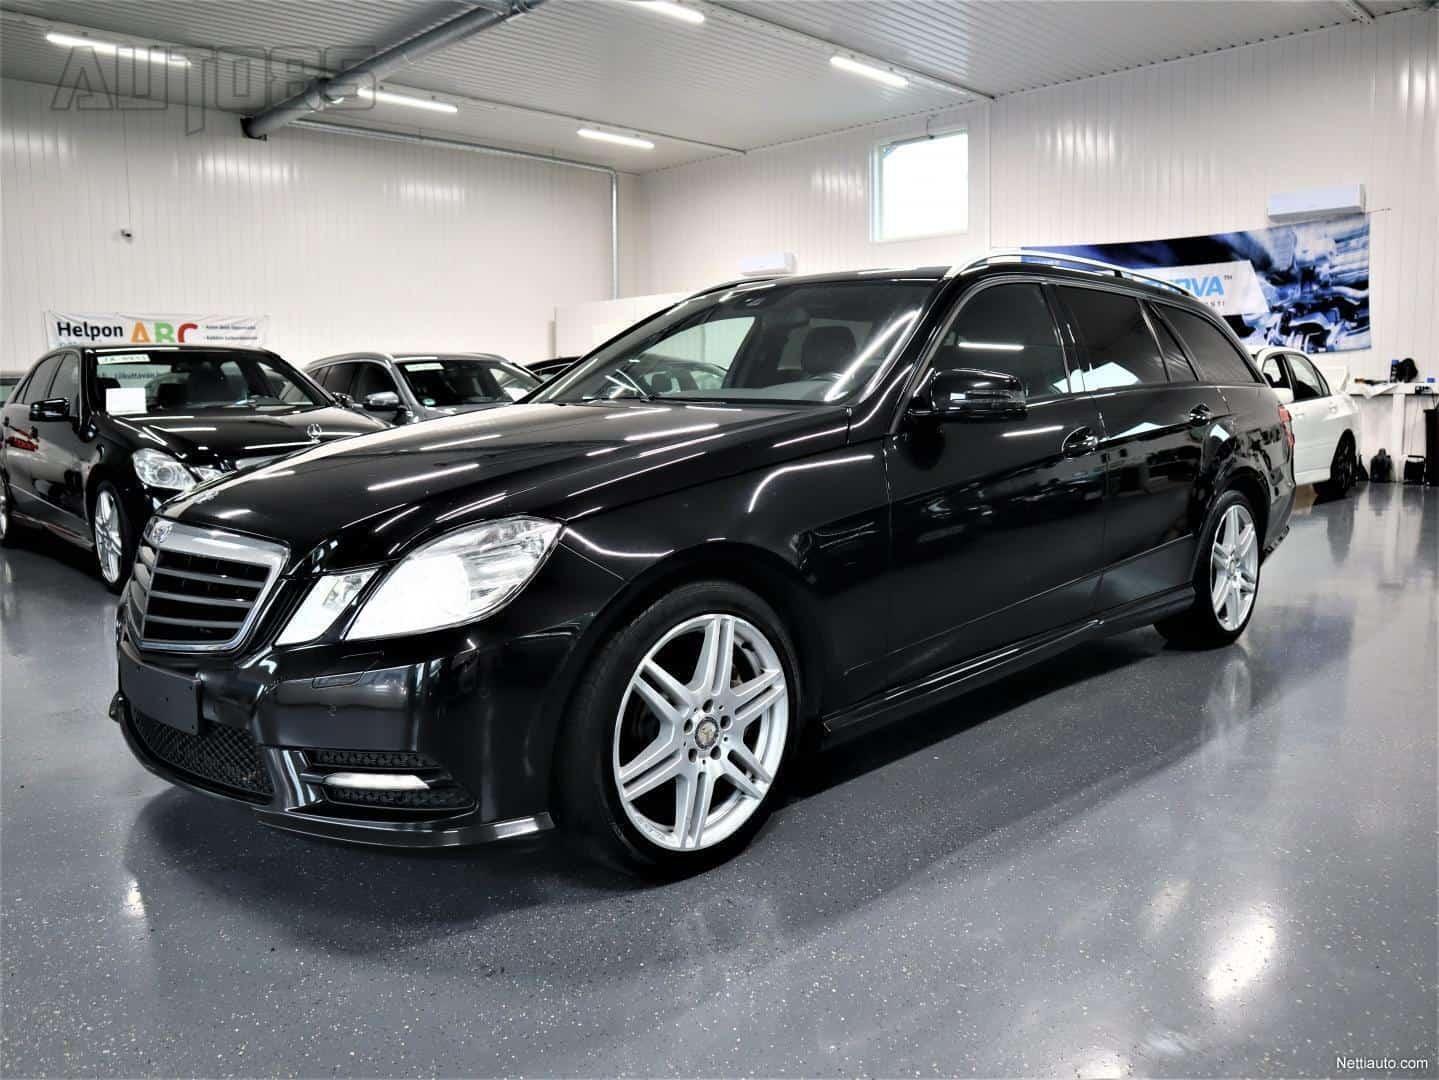 Mercedes-Benz E 350 CDI AMG-Styling Aut. * RAHOITUS 0e KÄSIRAHALLA * MUSTA SISÄKATTO * XENON * TUTKAT * CLIMATEPENKIT YMS